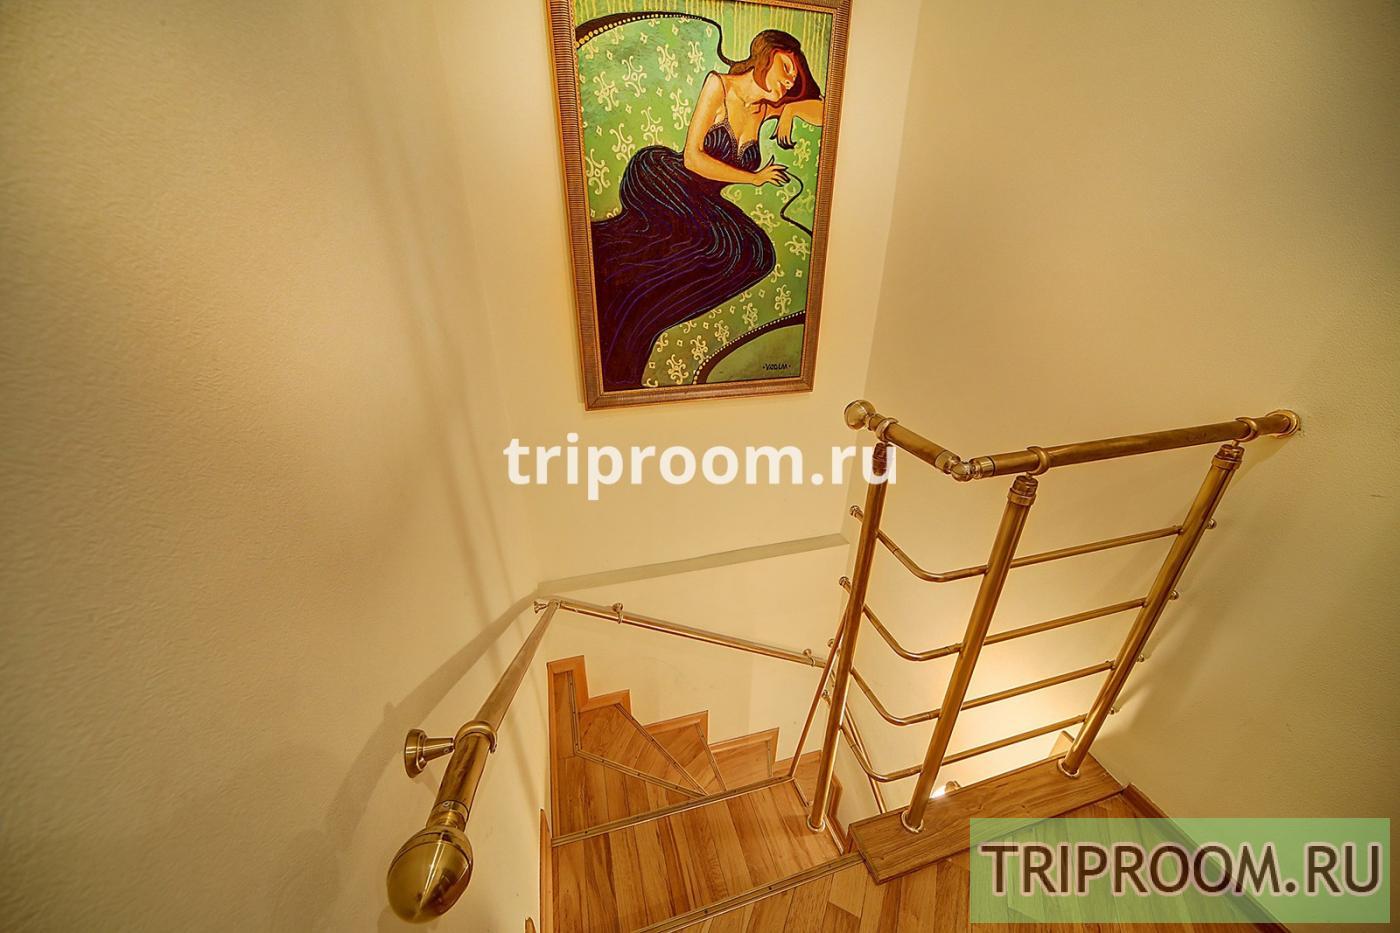 2-комнатная квартира посуточно (вариант № 15116), ул. Большая Конюшенная улица, фото № 18